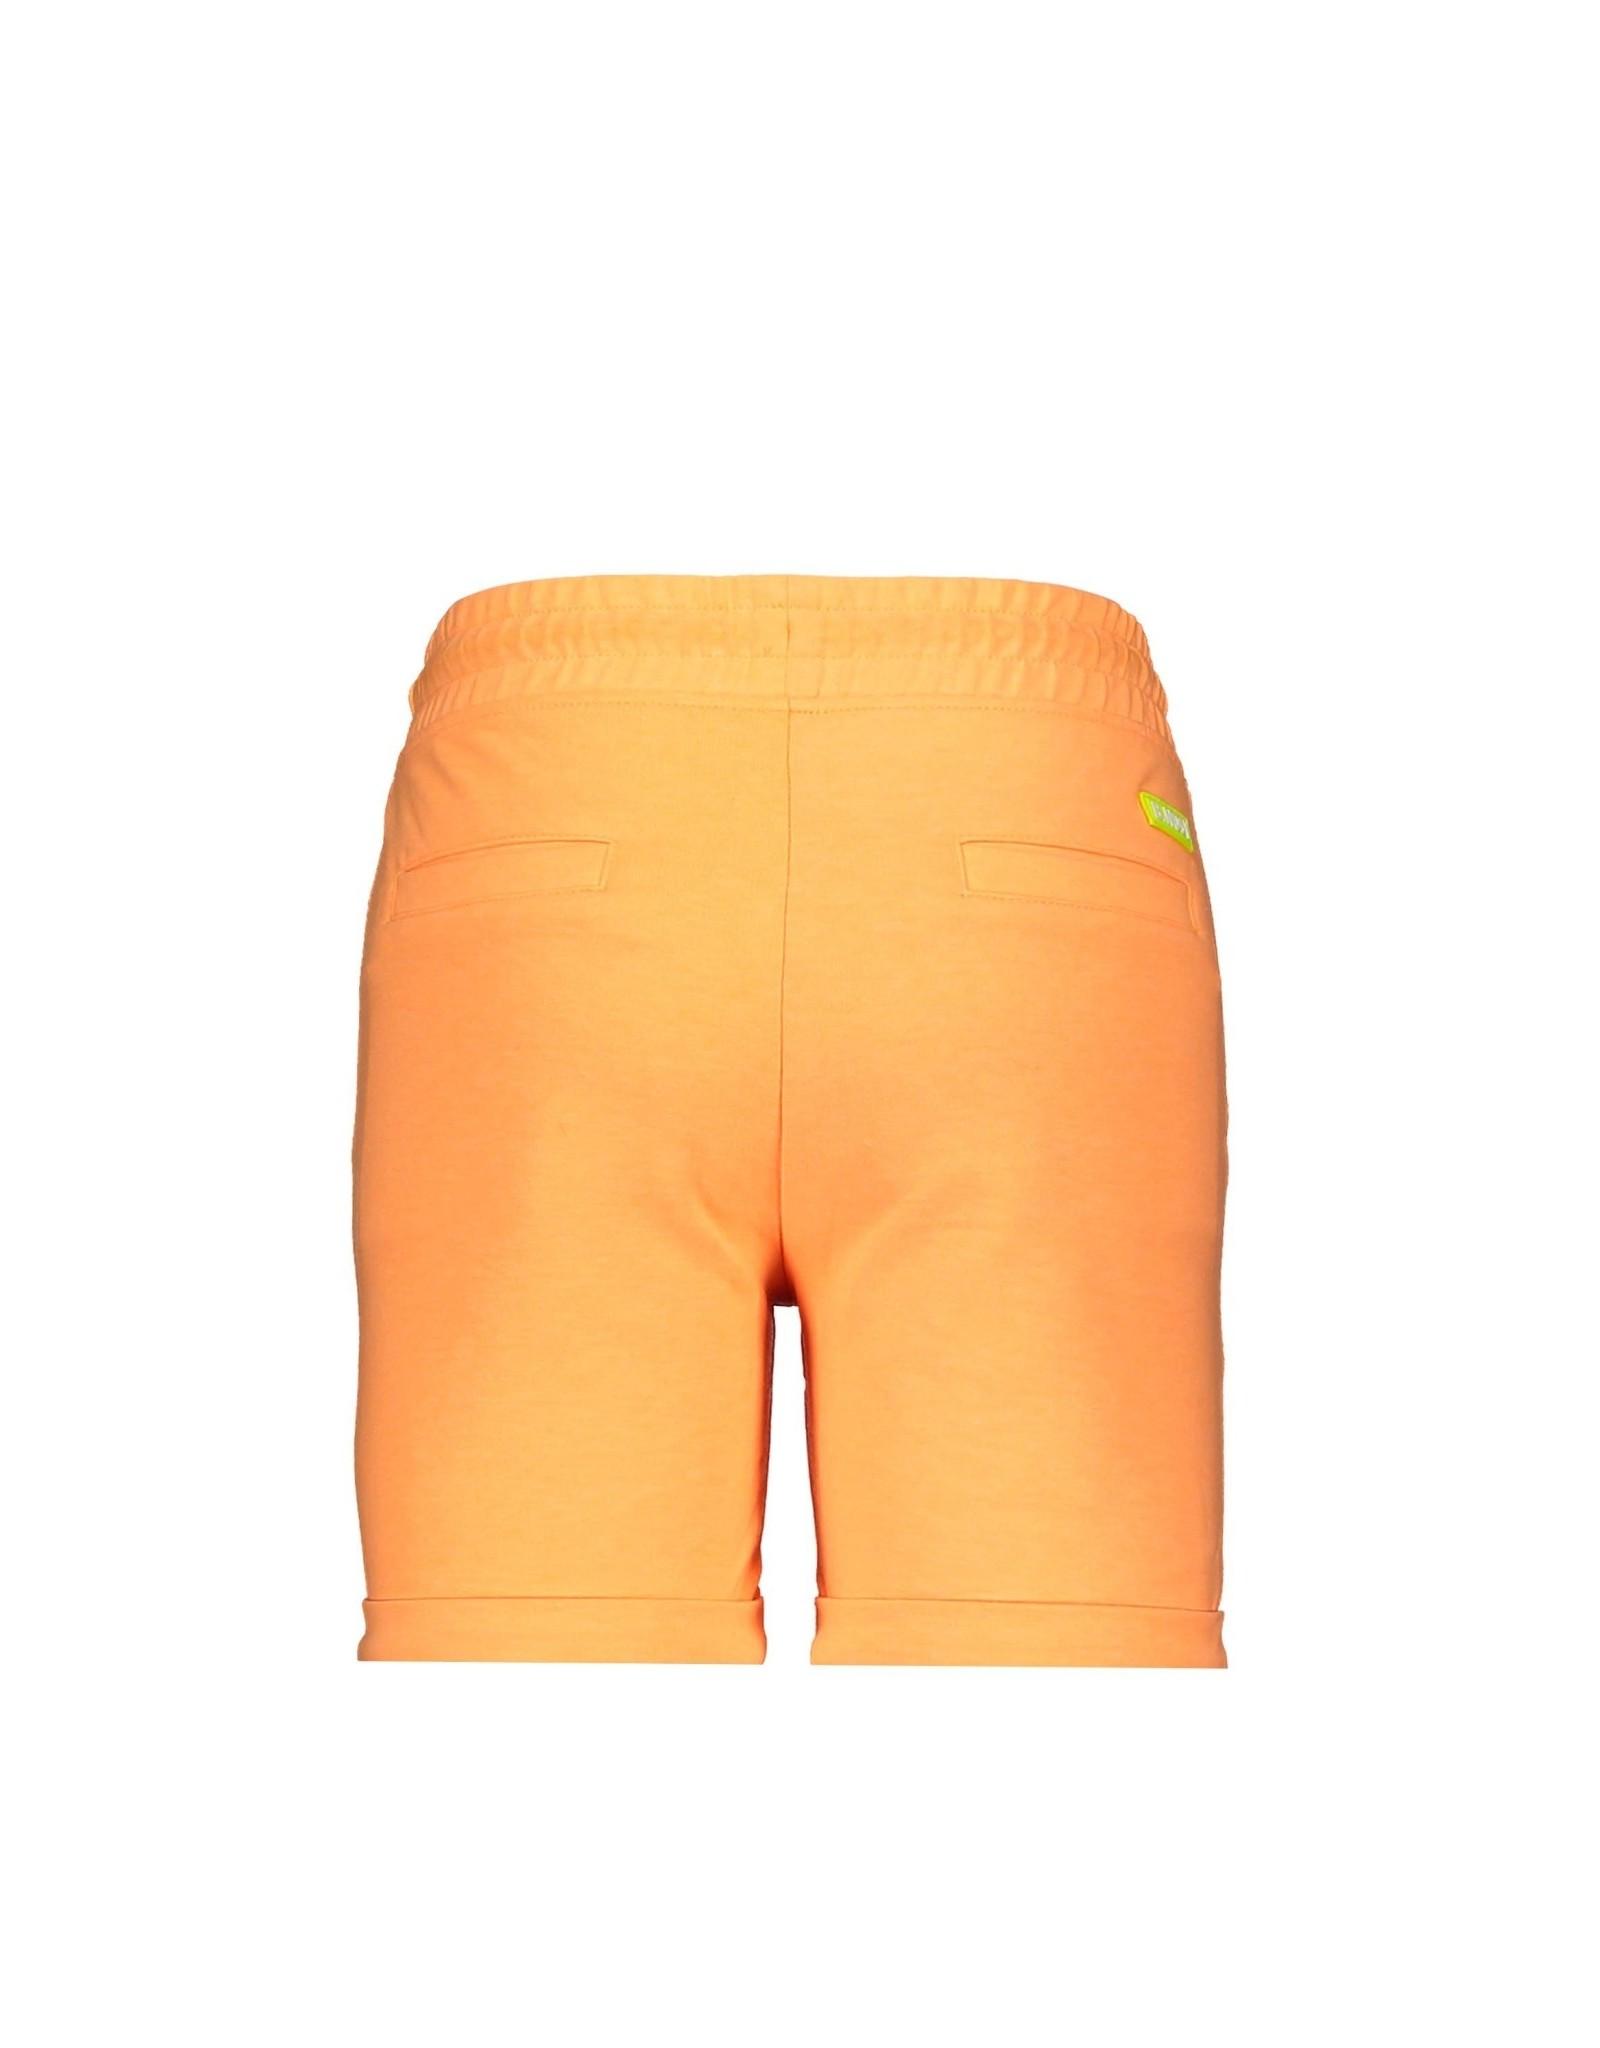 B.Nosy B.Nosy baby jongens korte joggingbroek Neon Orange S21